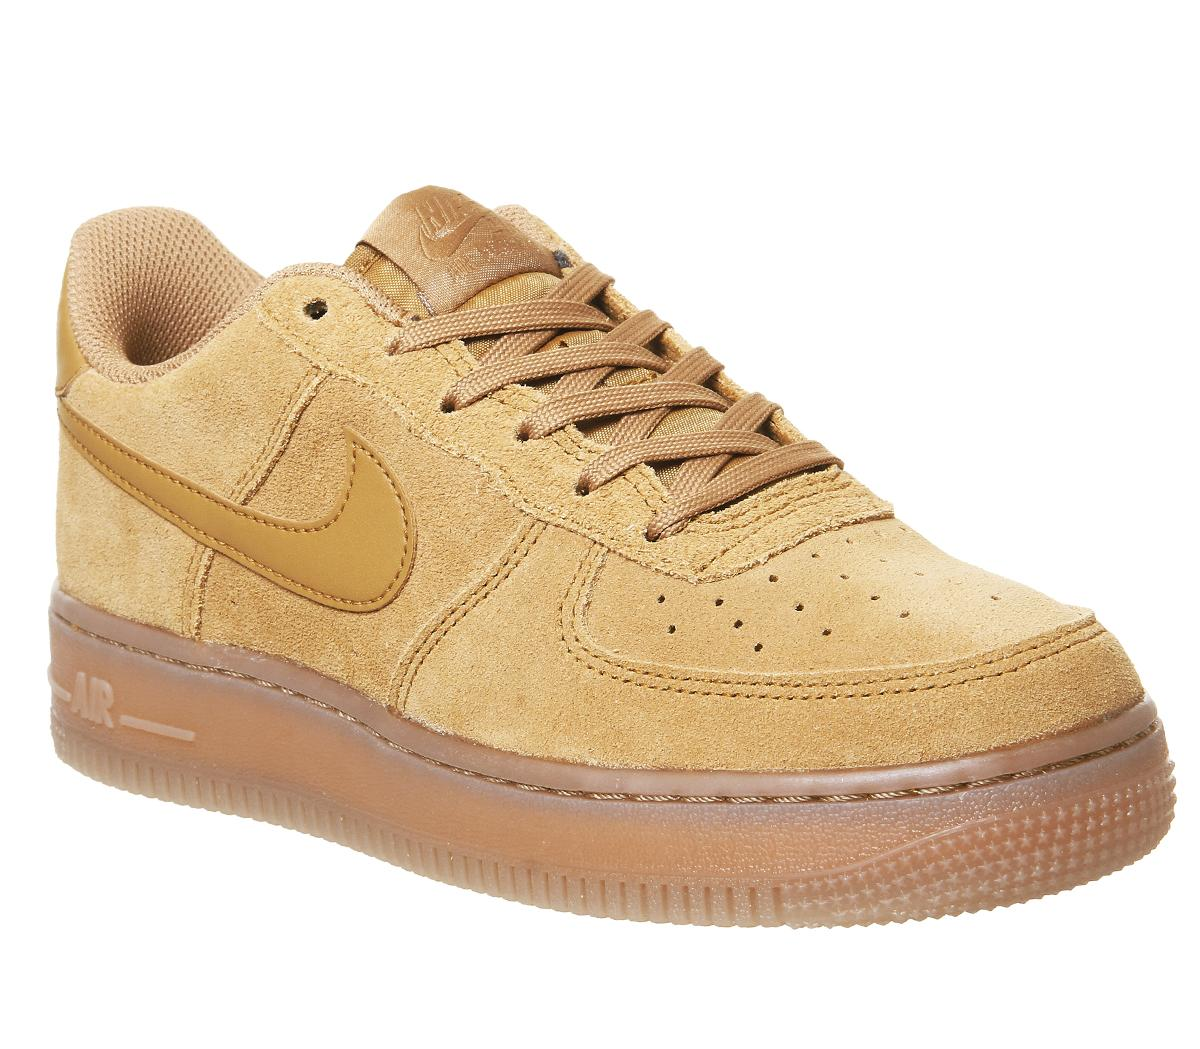 Nike Air Force 1 Trainers Wheat Wheat